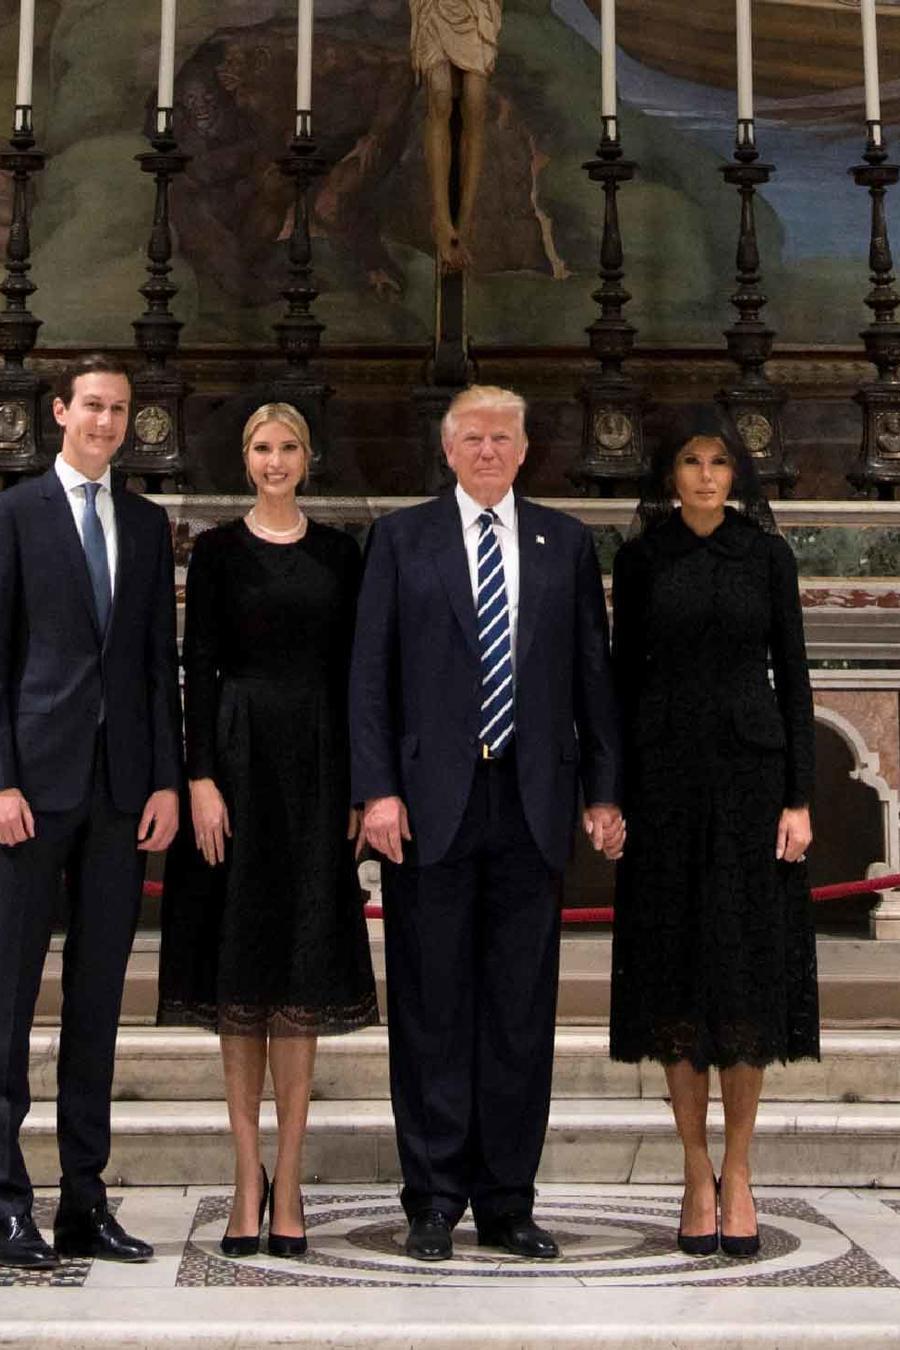 El presidente Donald Trump junto con Melania, Ivanka y Jared Kushner en el Vaticano